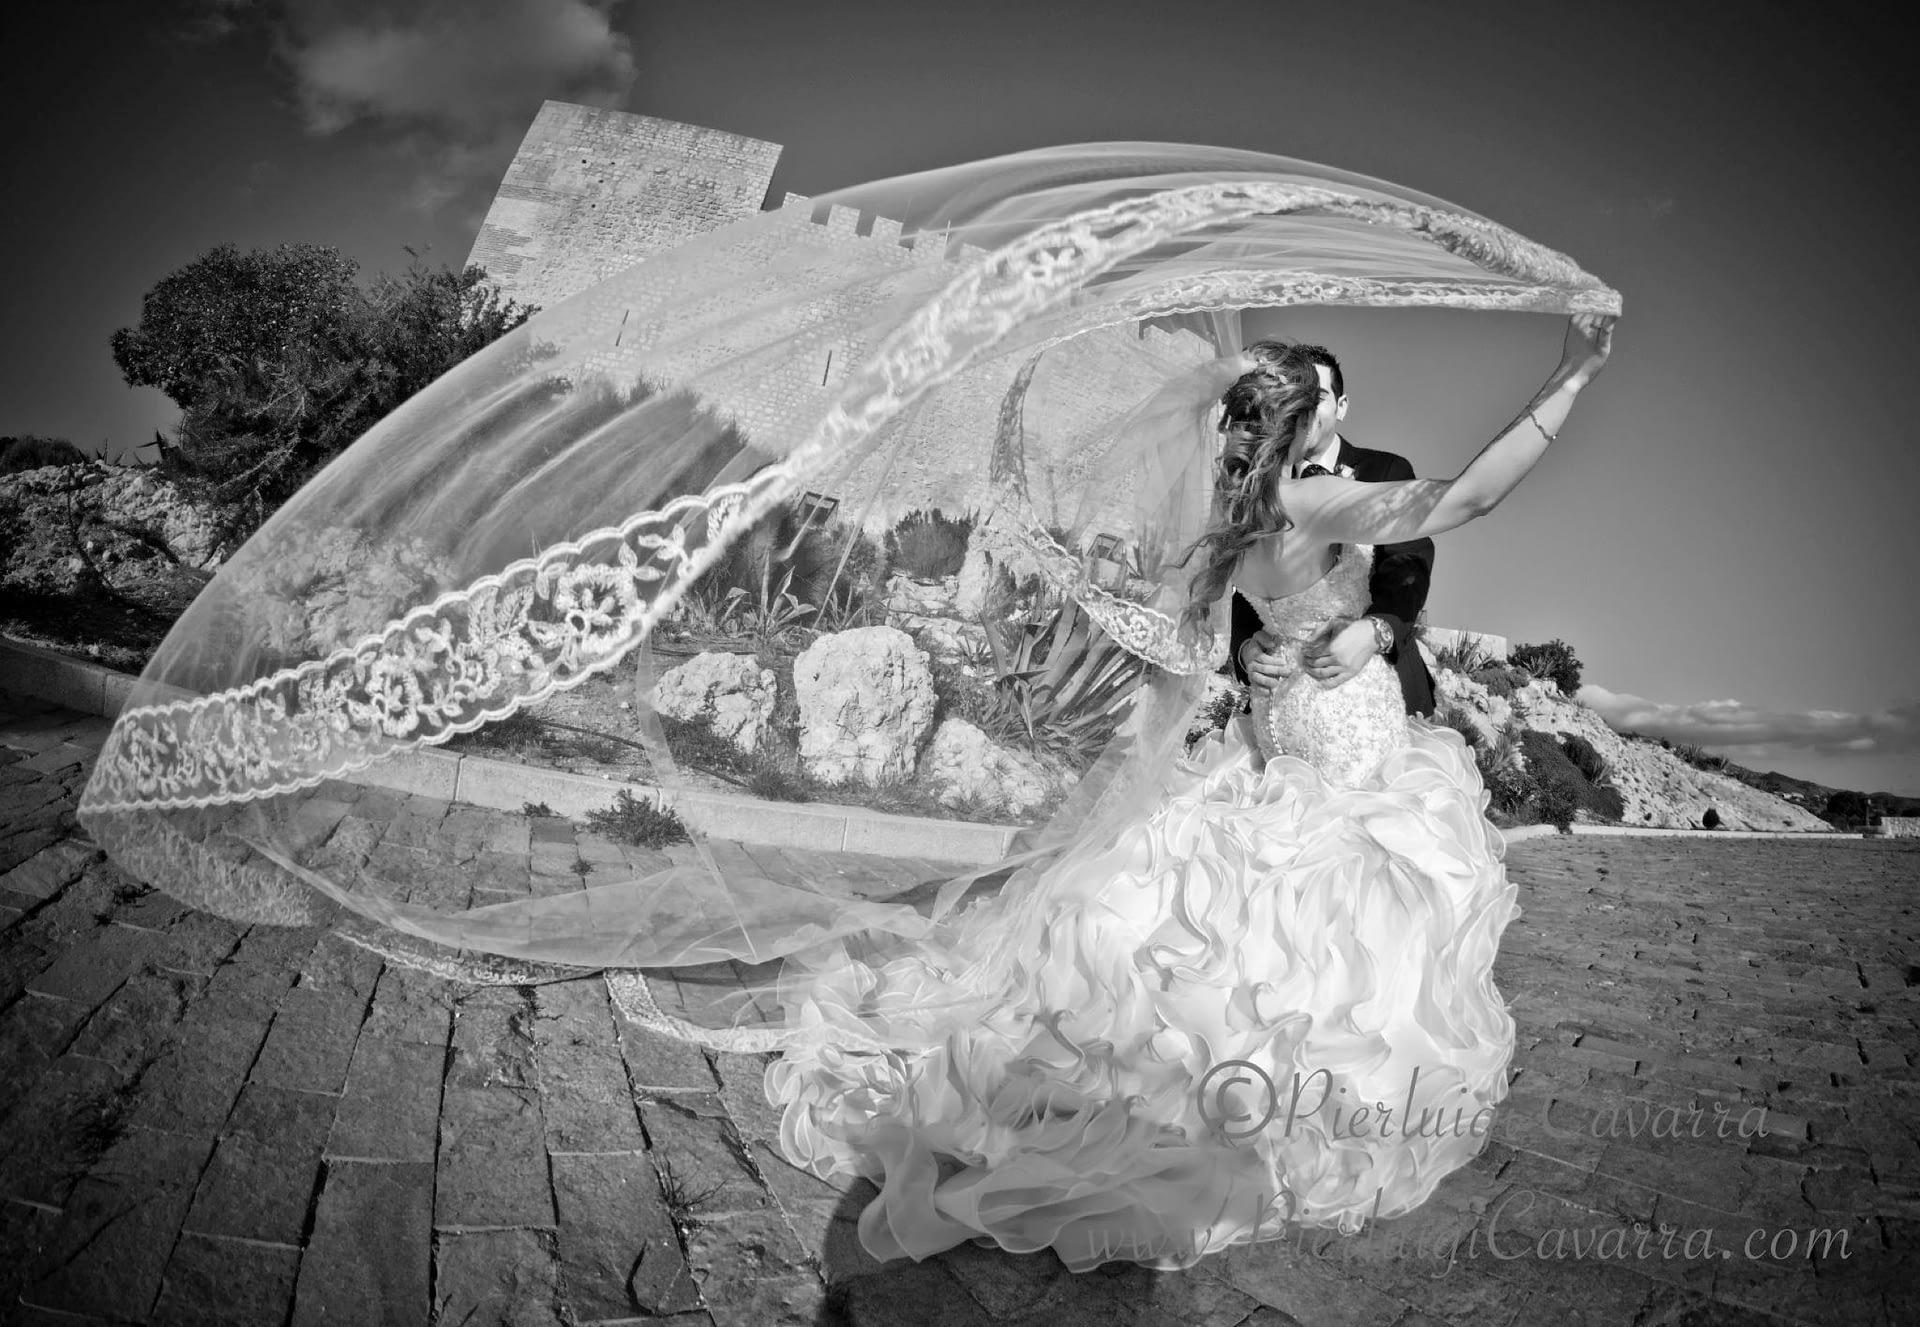 Pierluigi Cavarra - fotografo de bodas y eventos - wedding photographer costa blanca - ejemplo -27